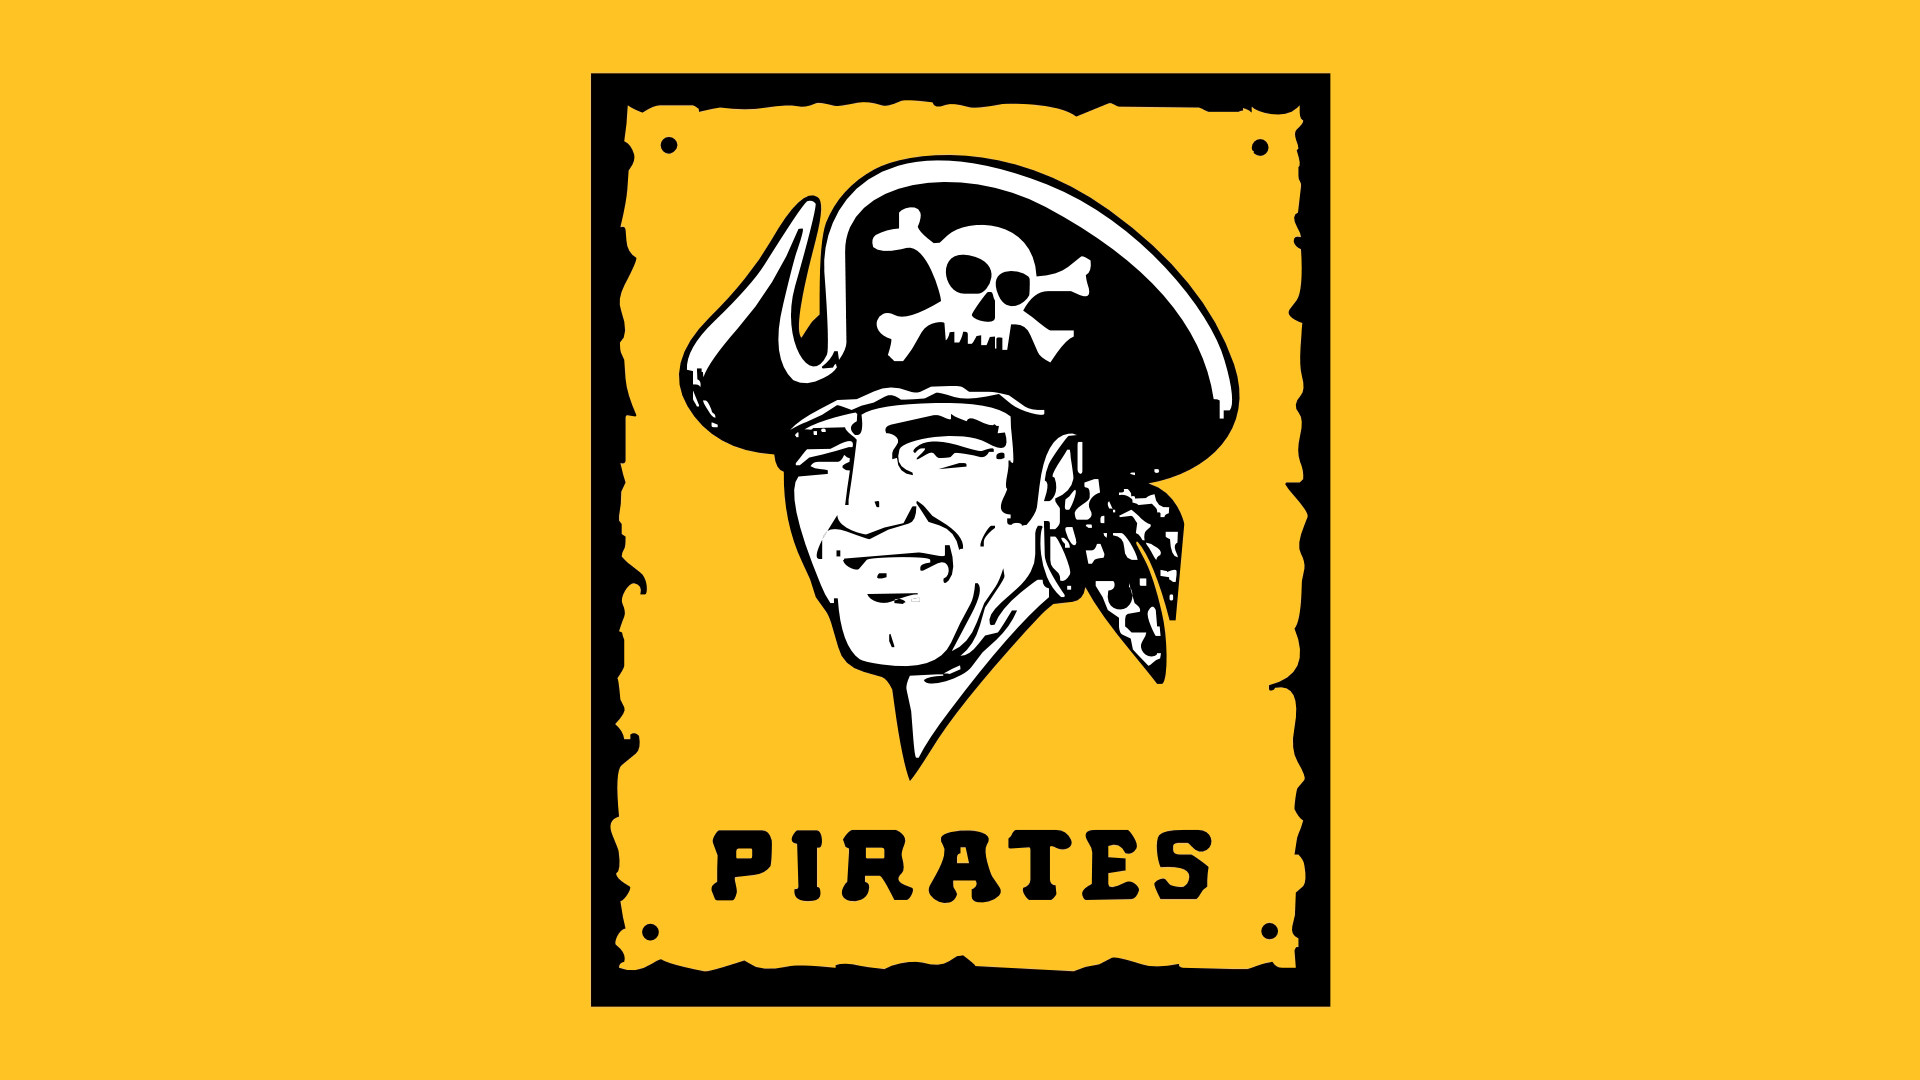 Pittsburgh Pirates Logo Image Cool Wallpaper HD 1920 1080